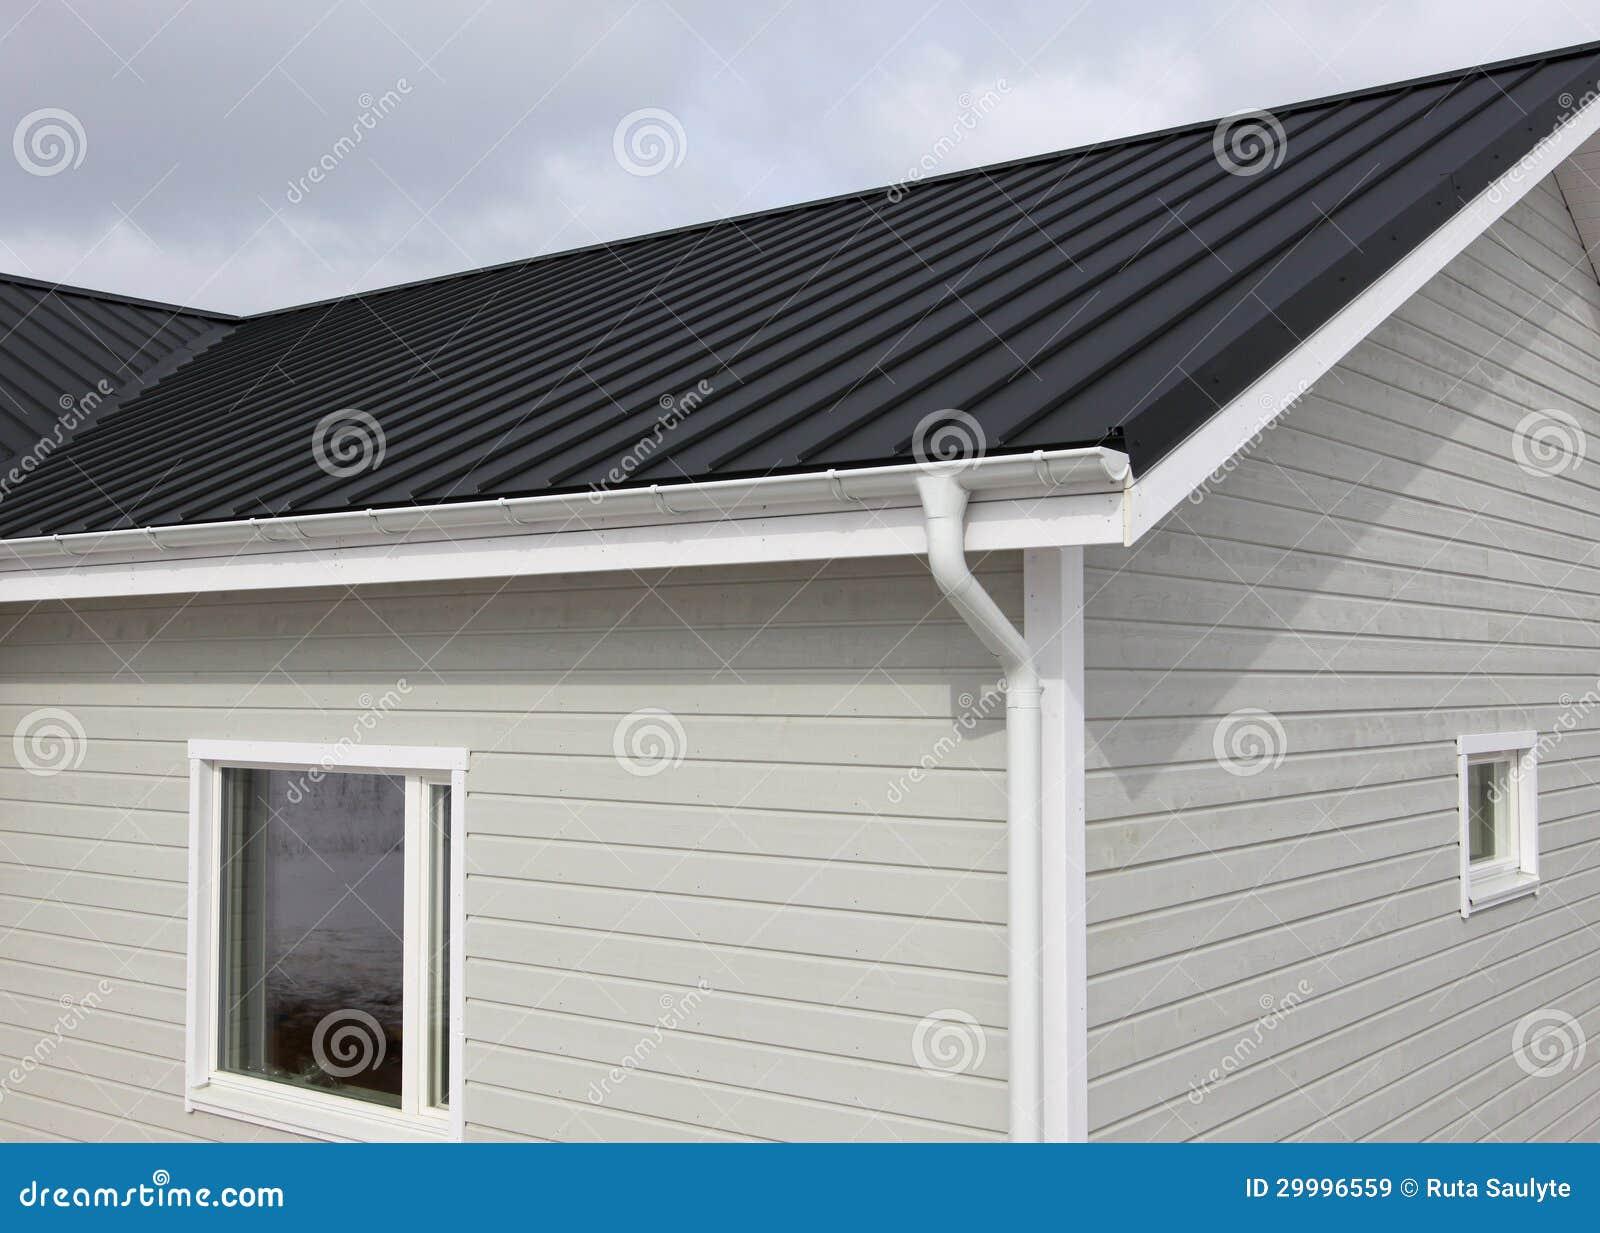 maison en bois images libres de droits image 29996559